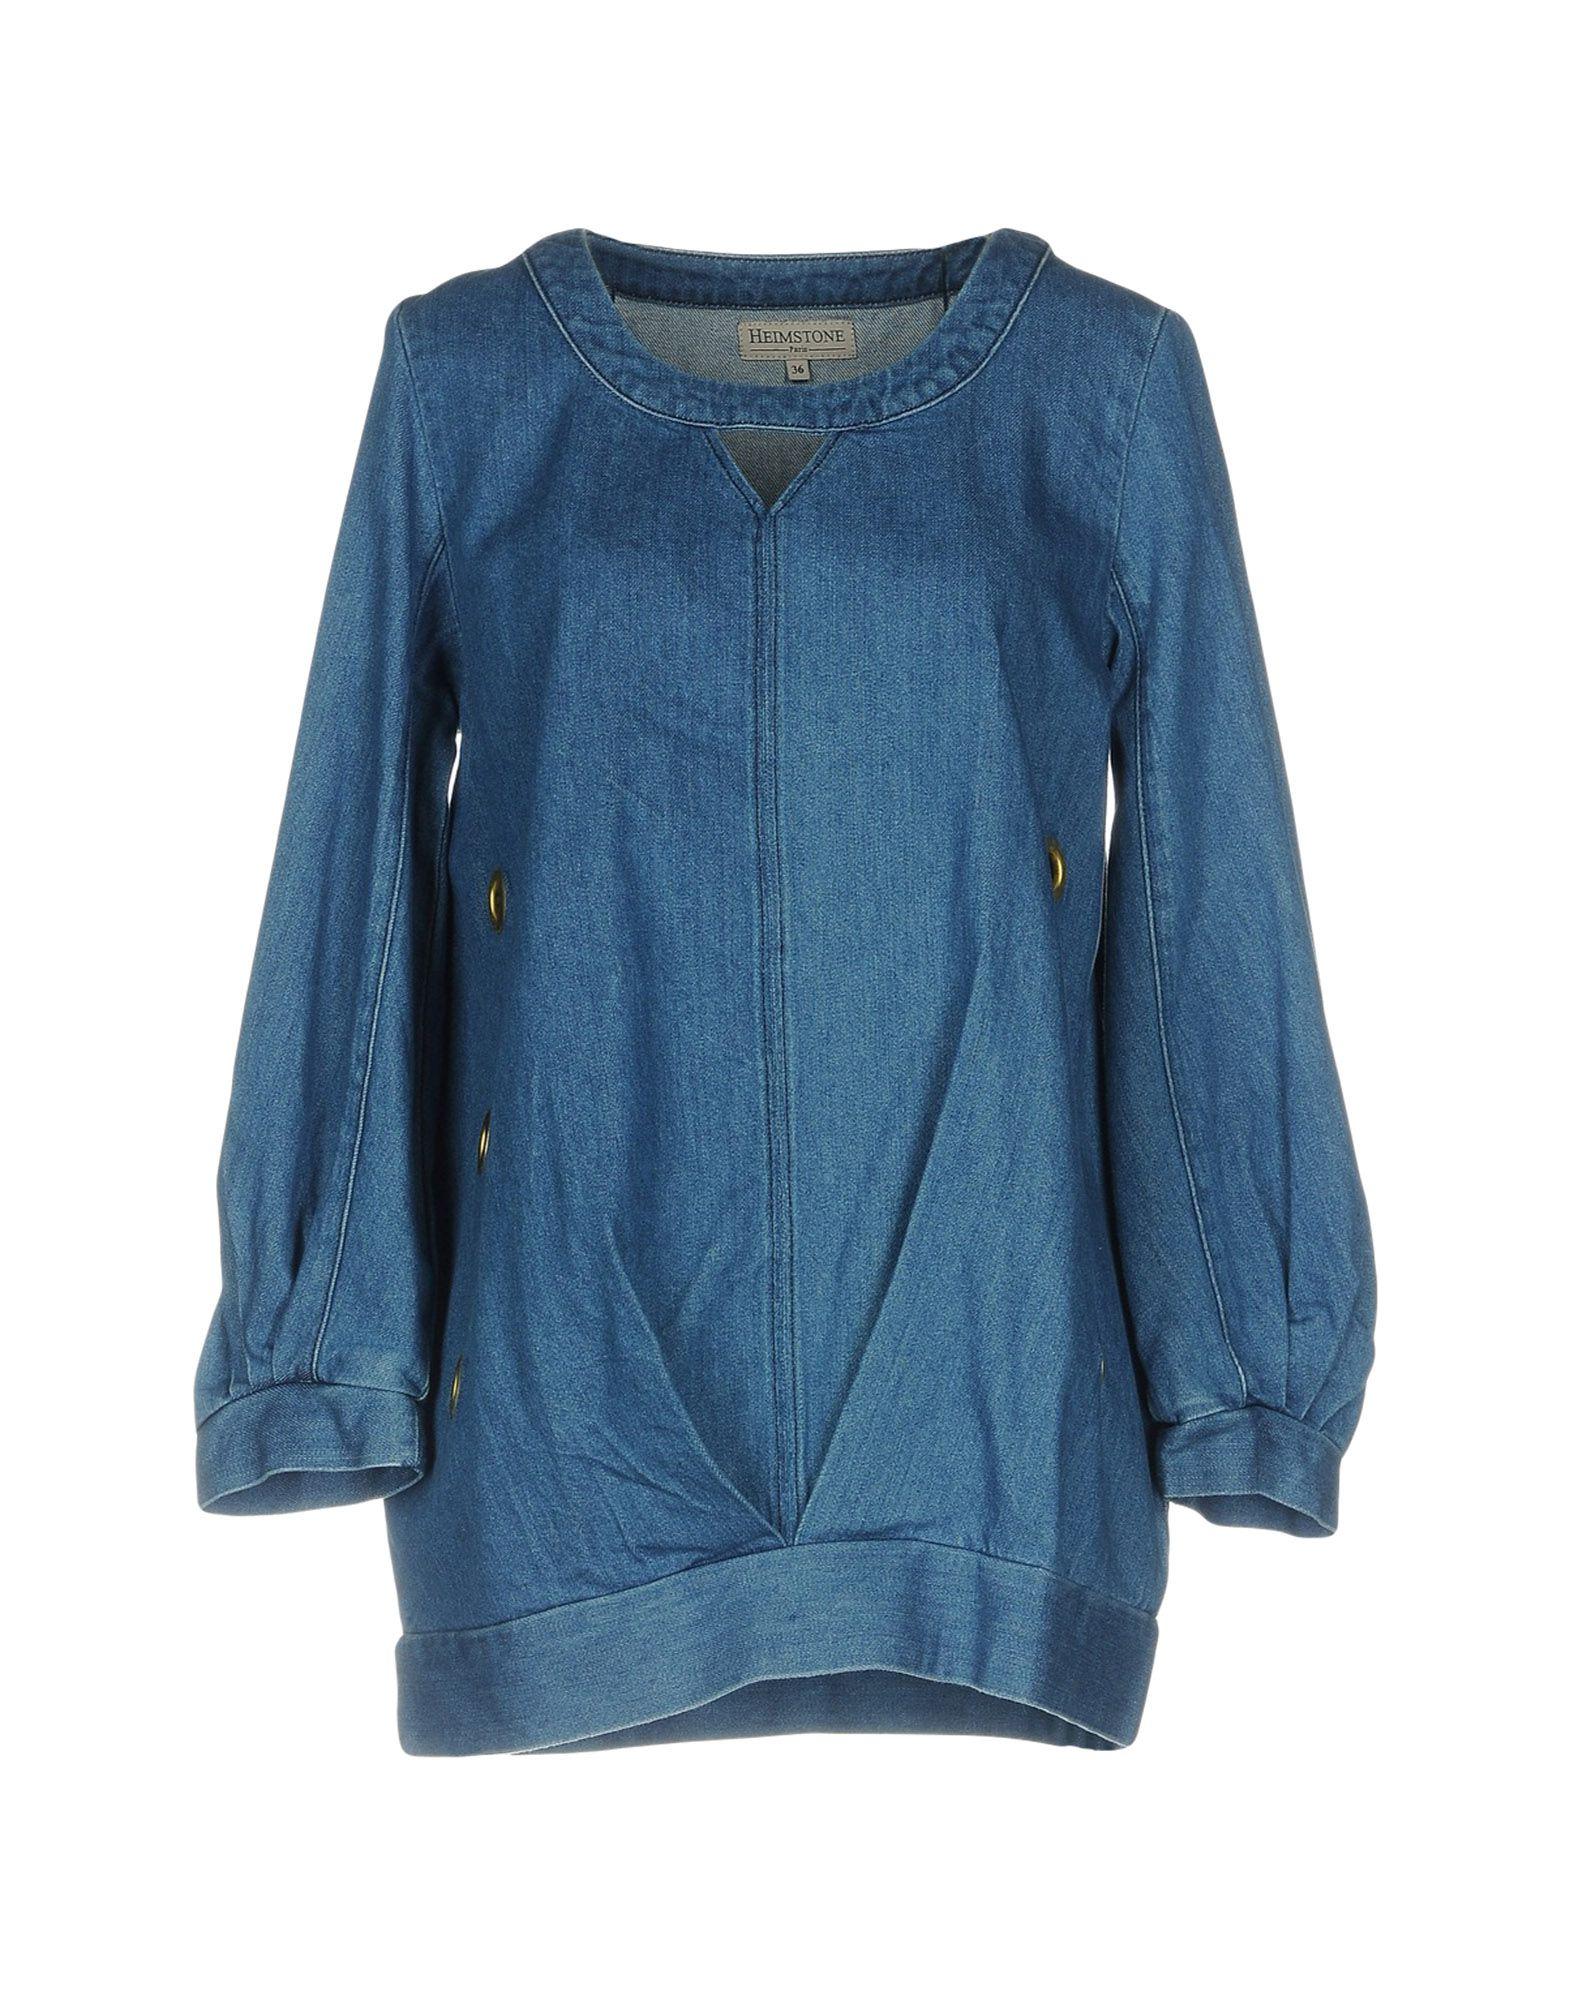 Camicia Jeans Heimstone Donna - Acquista online su x3fPW